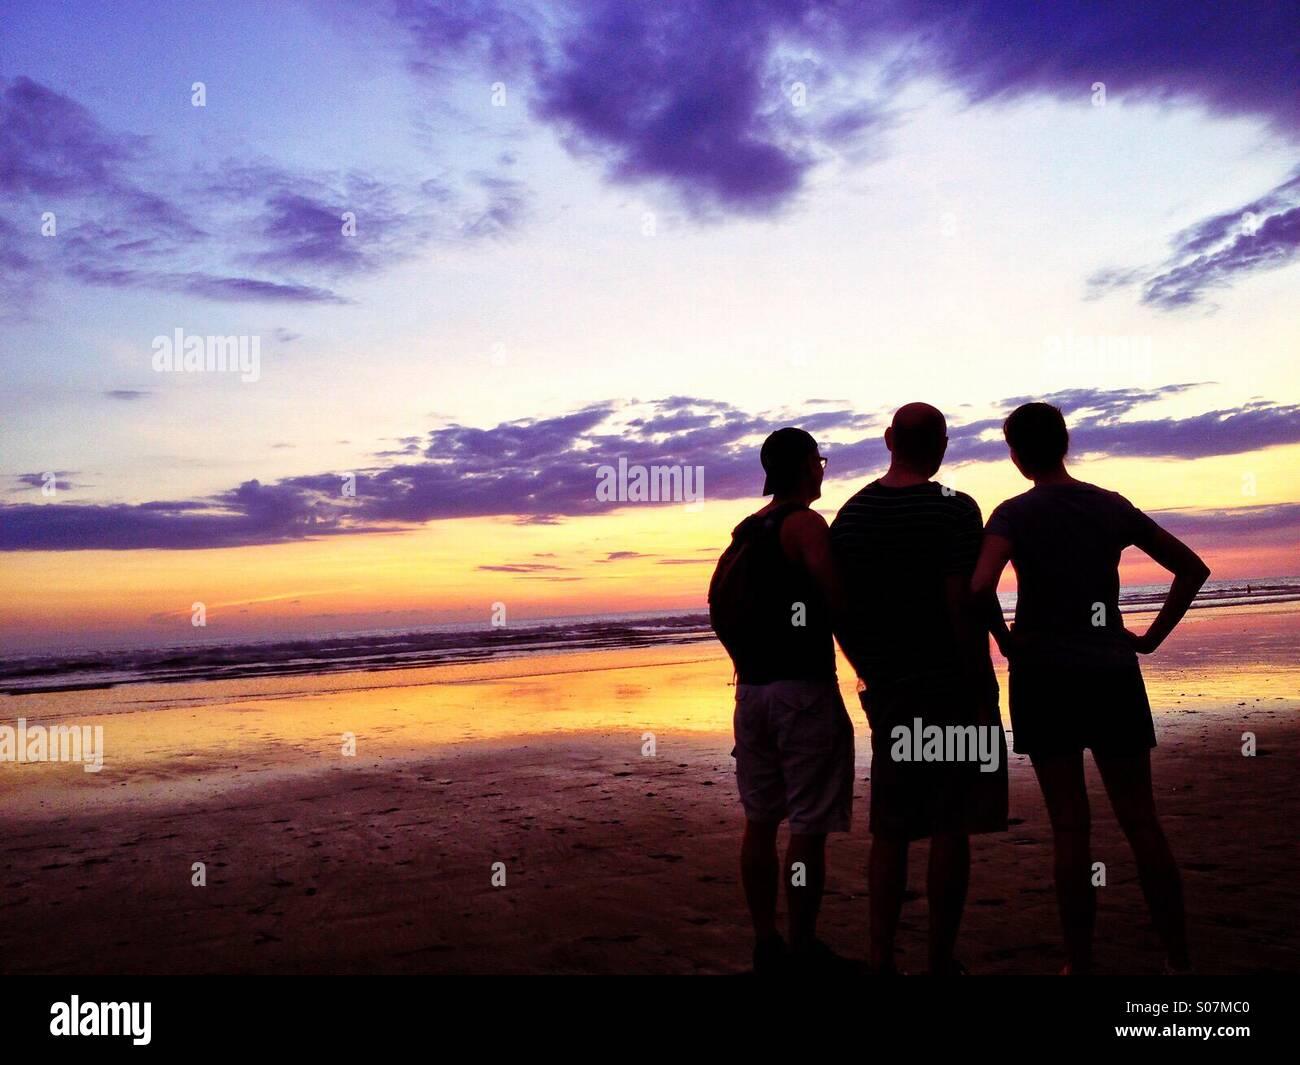 Tres amigos en la playa, el Océano Pacífico, Costa Rica Imagen De Stock